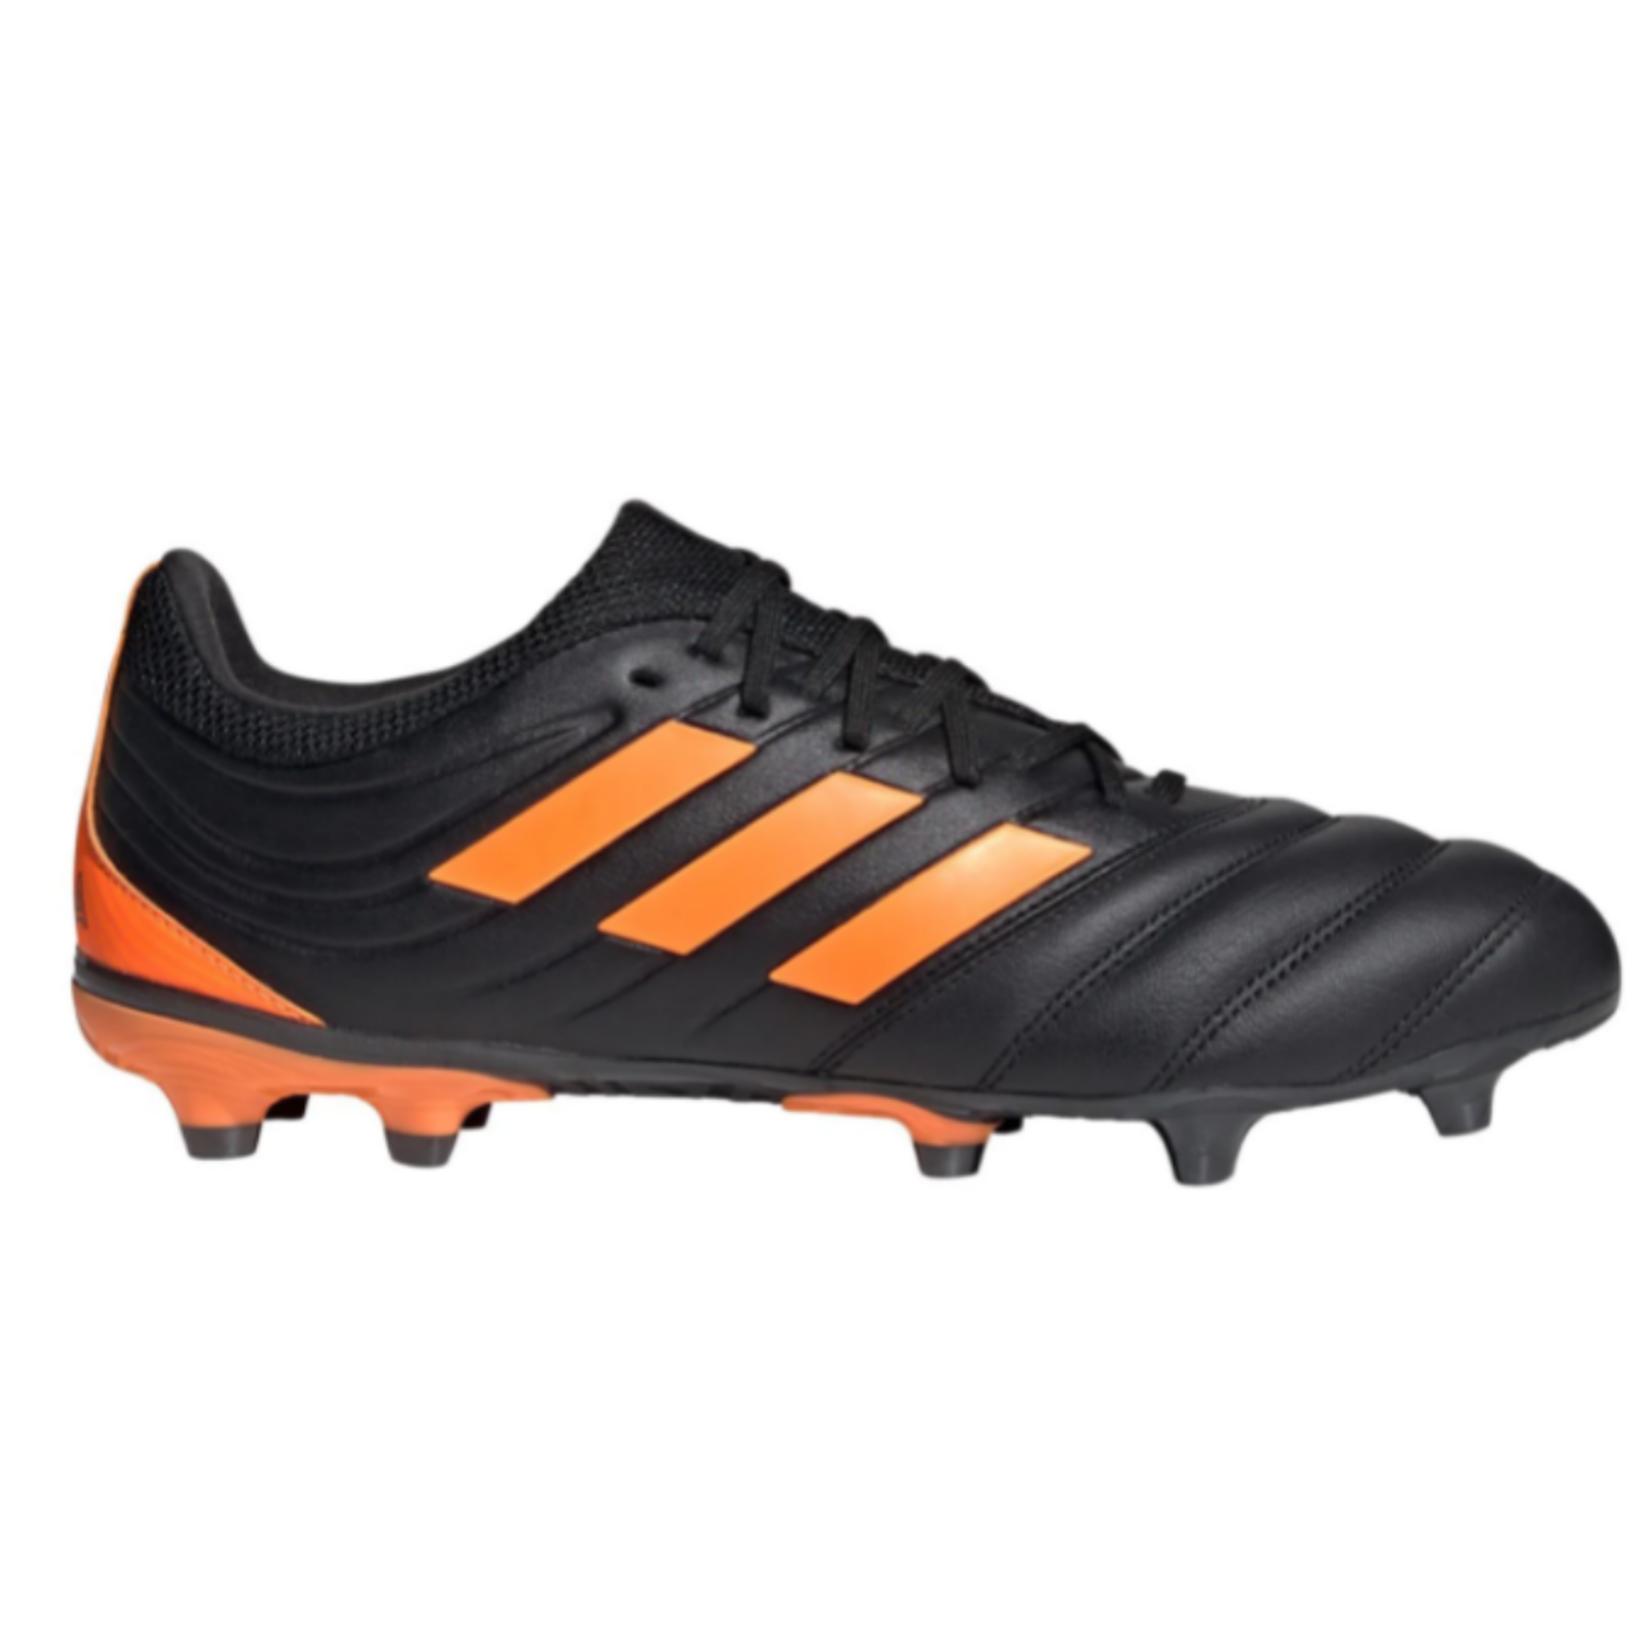 Adidas Adidas Copa 20.3 FG Soccer Cleat - Jr